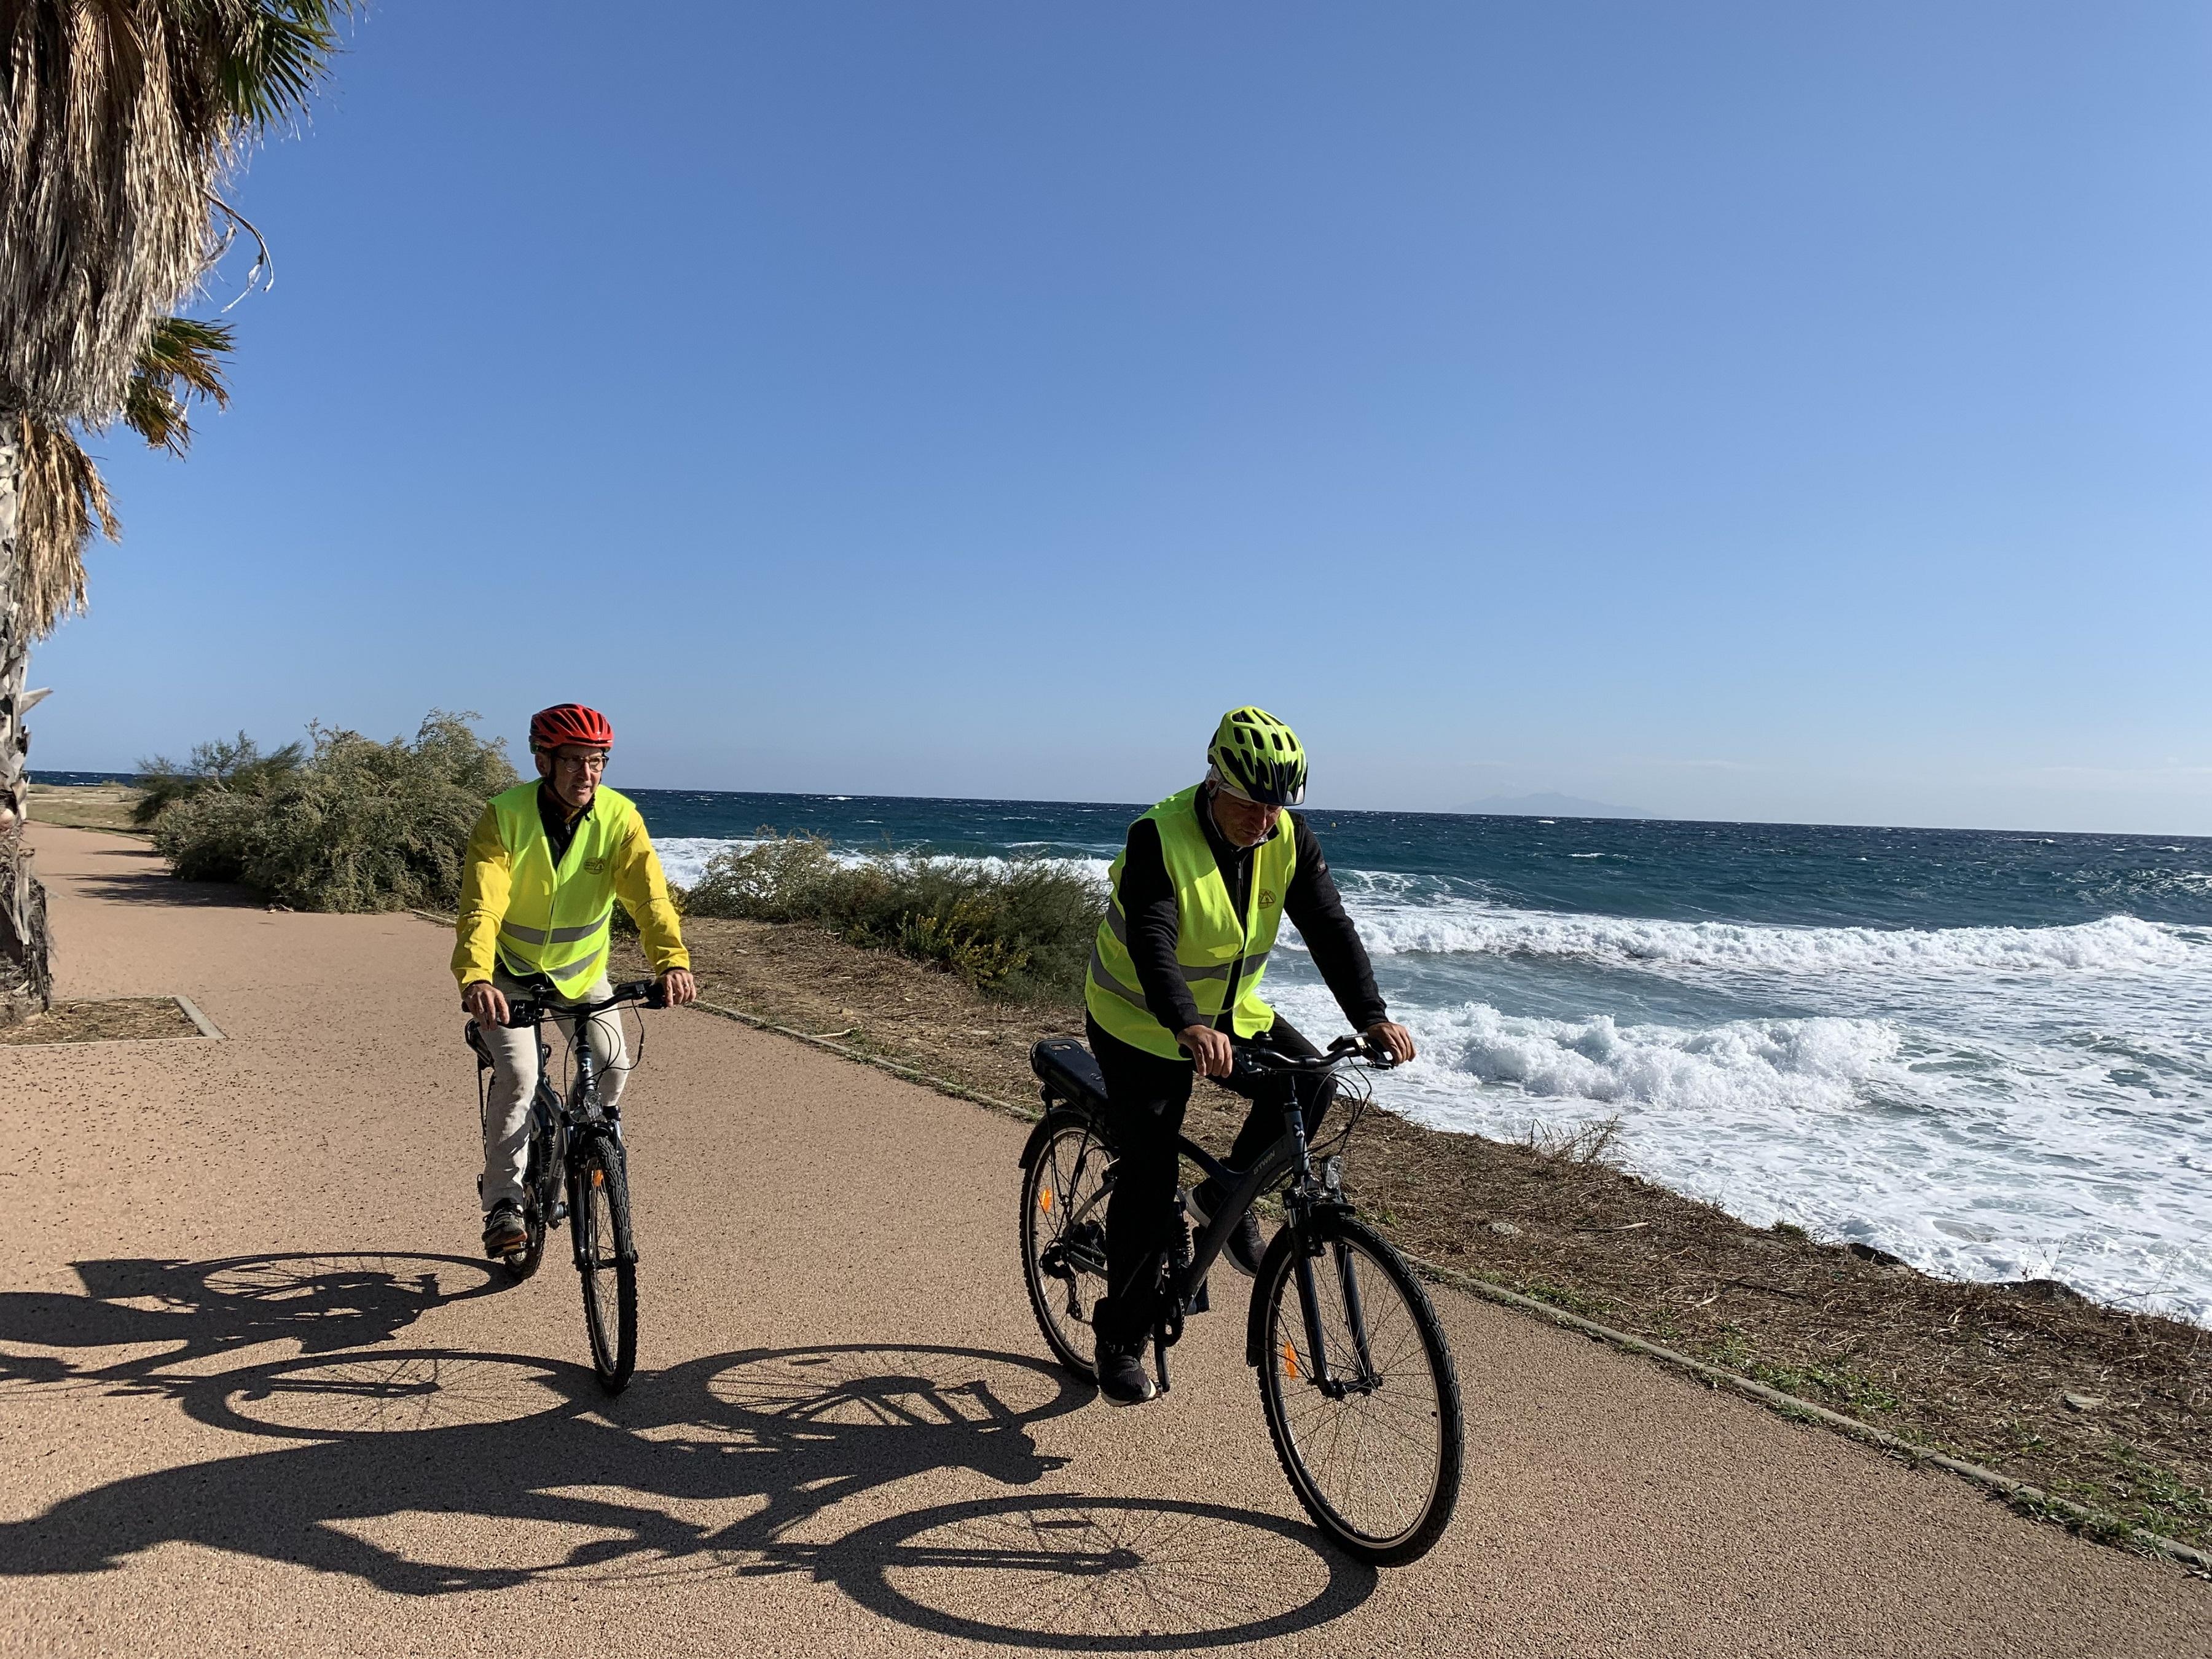 Redécouvrir le plaisir du vélo en toute sécurité à Bastia